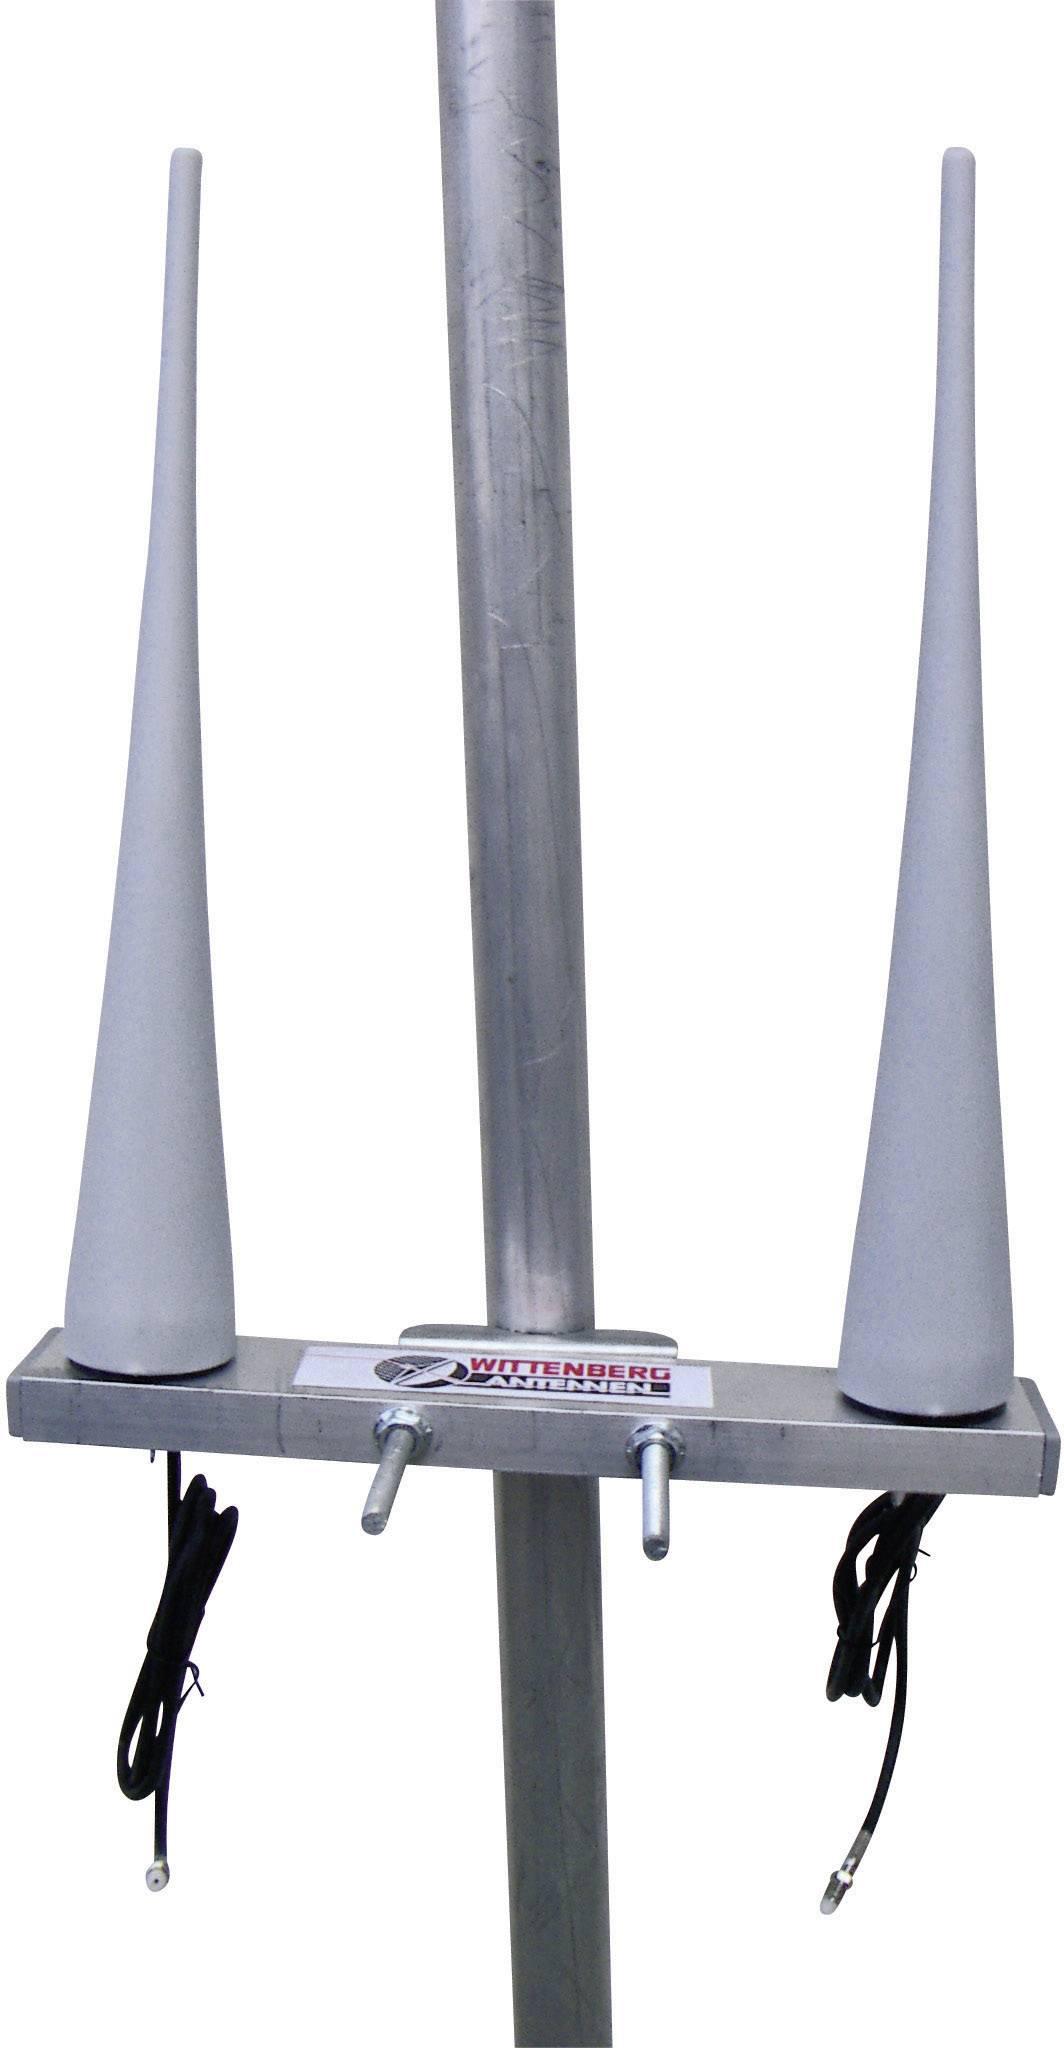 LTE mobilná bezdrôtová anténa Wittenberg Antennen 102736